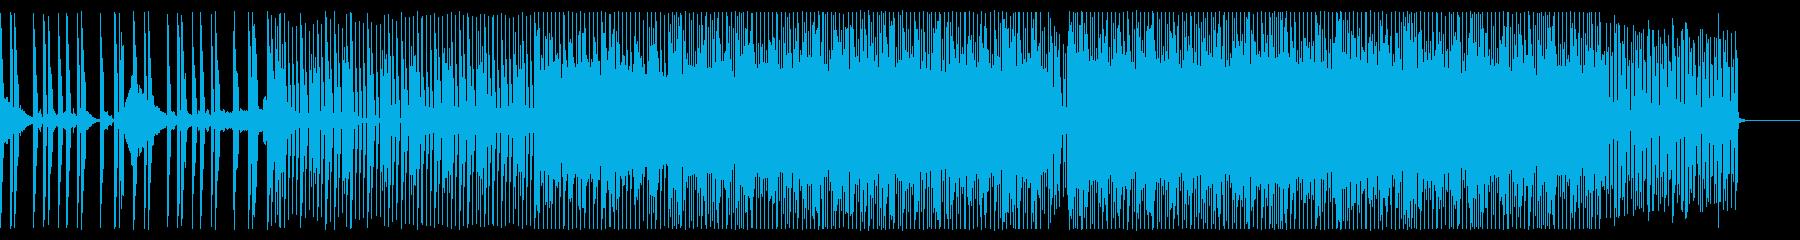 真夜中を感じさせるエモいクラブEDMの再生済みの波形